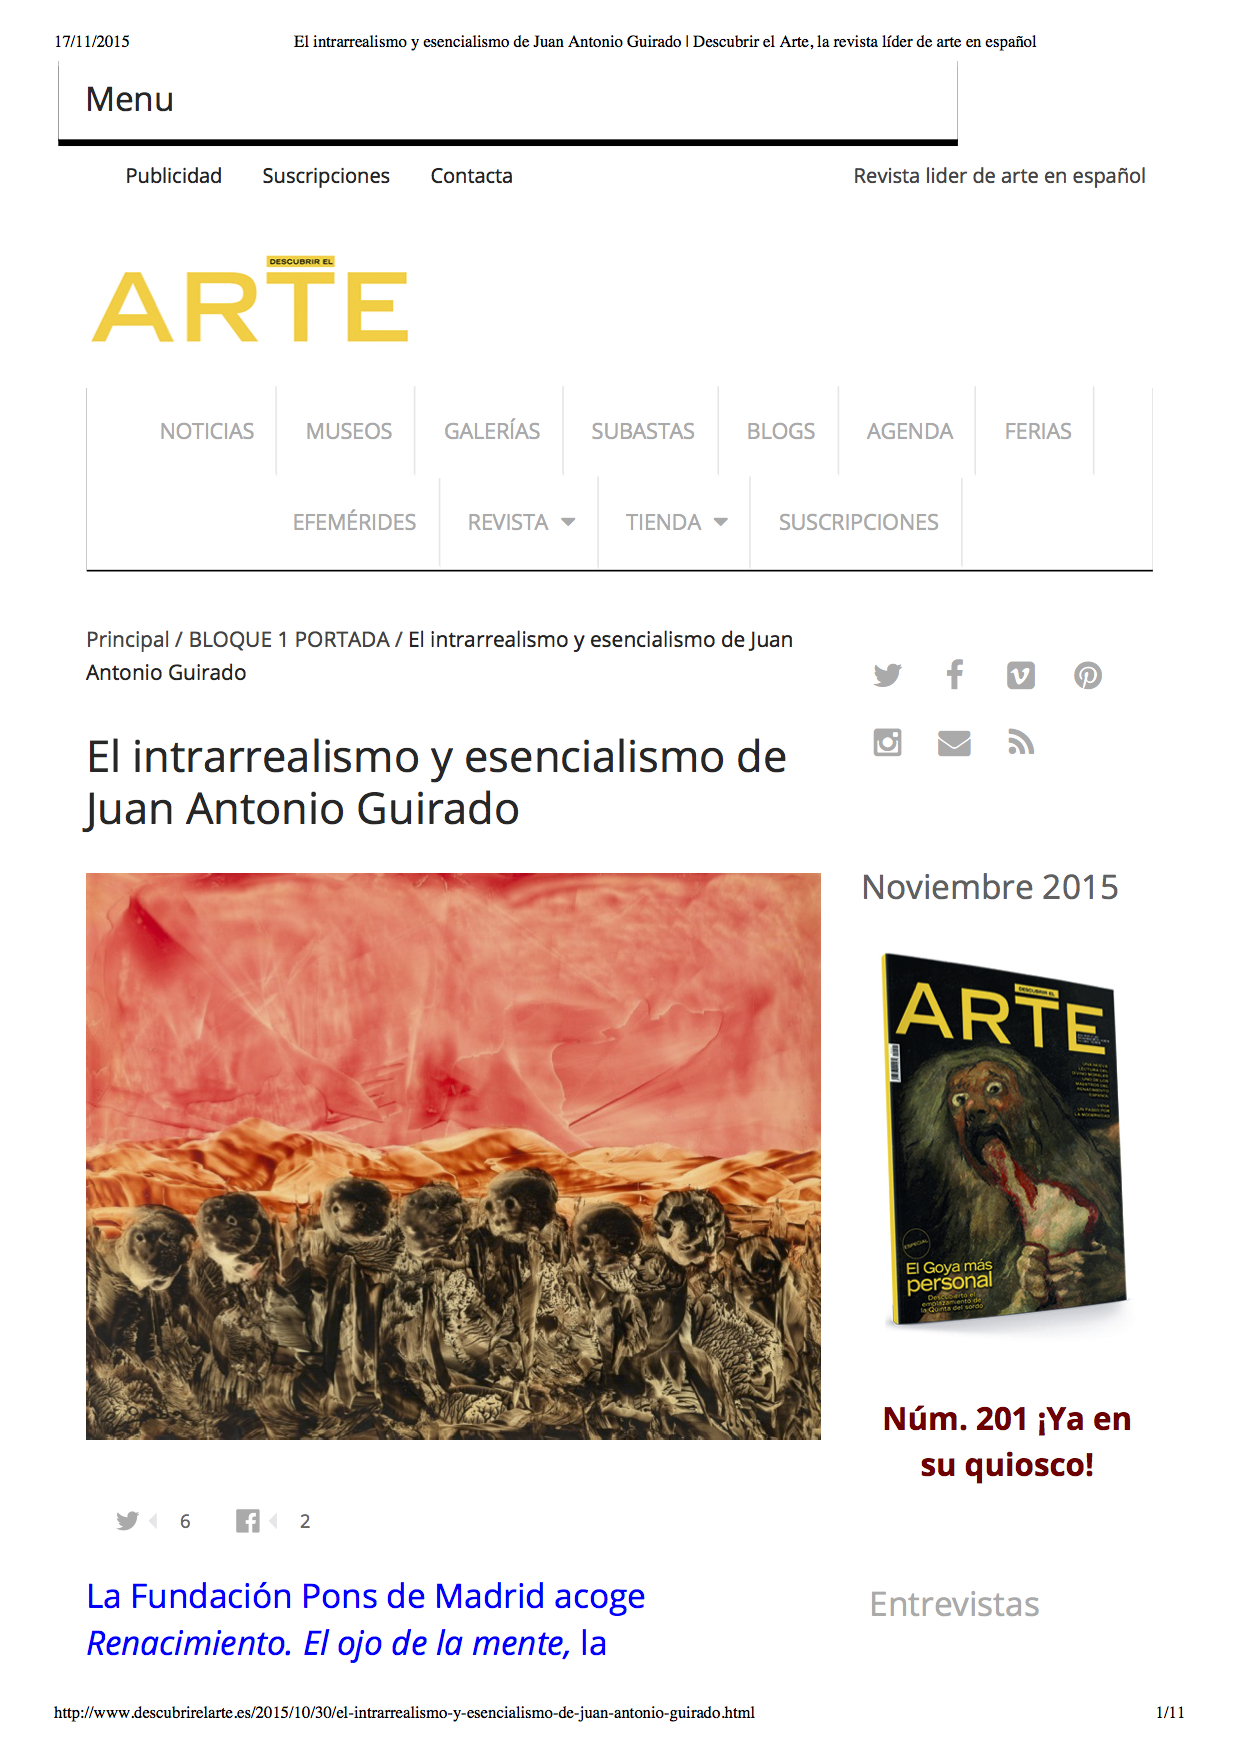 El intrarrealismo y esencialismo de Juan Antonio Guirado, Descubrir el Arte, 30 October, 2015